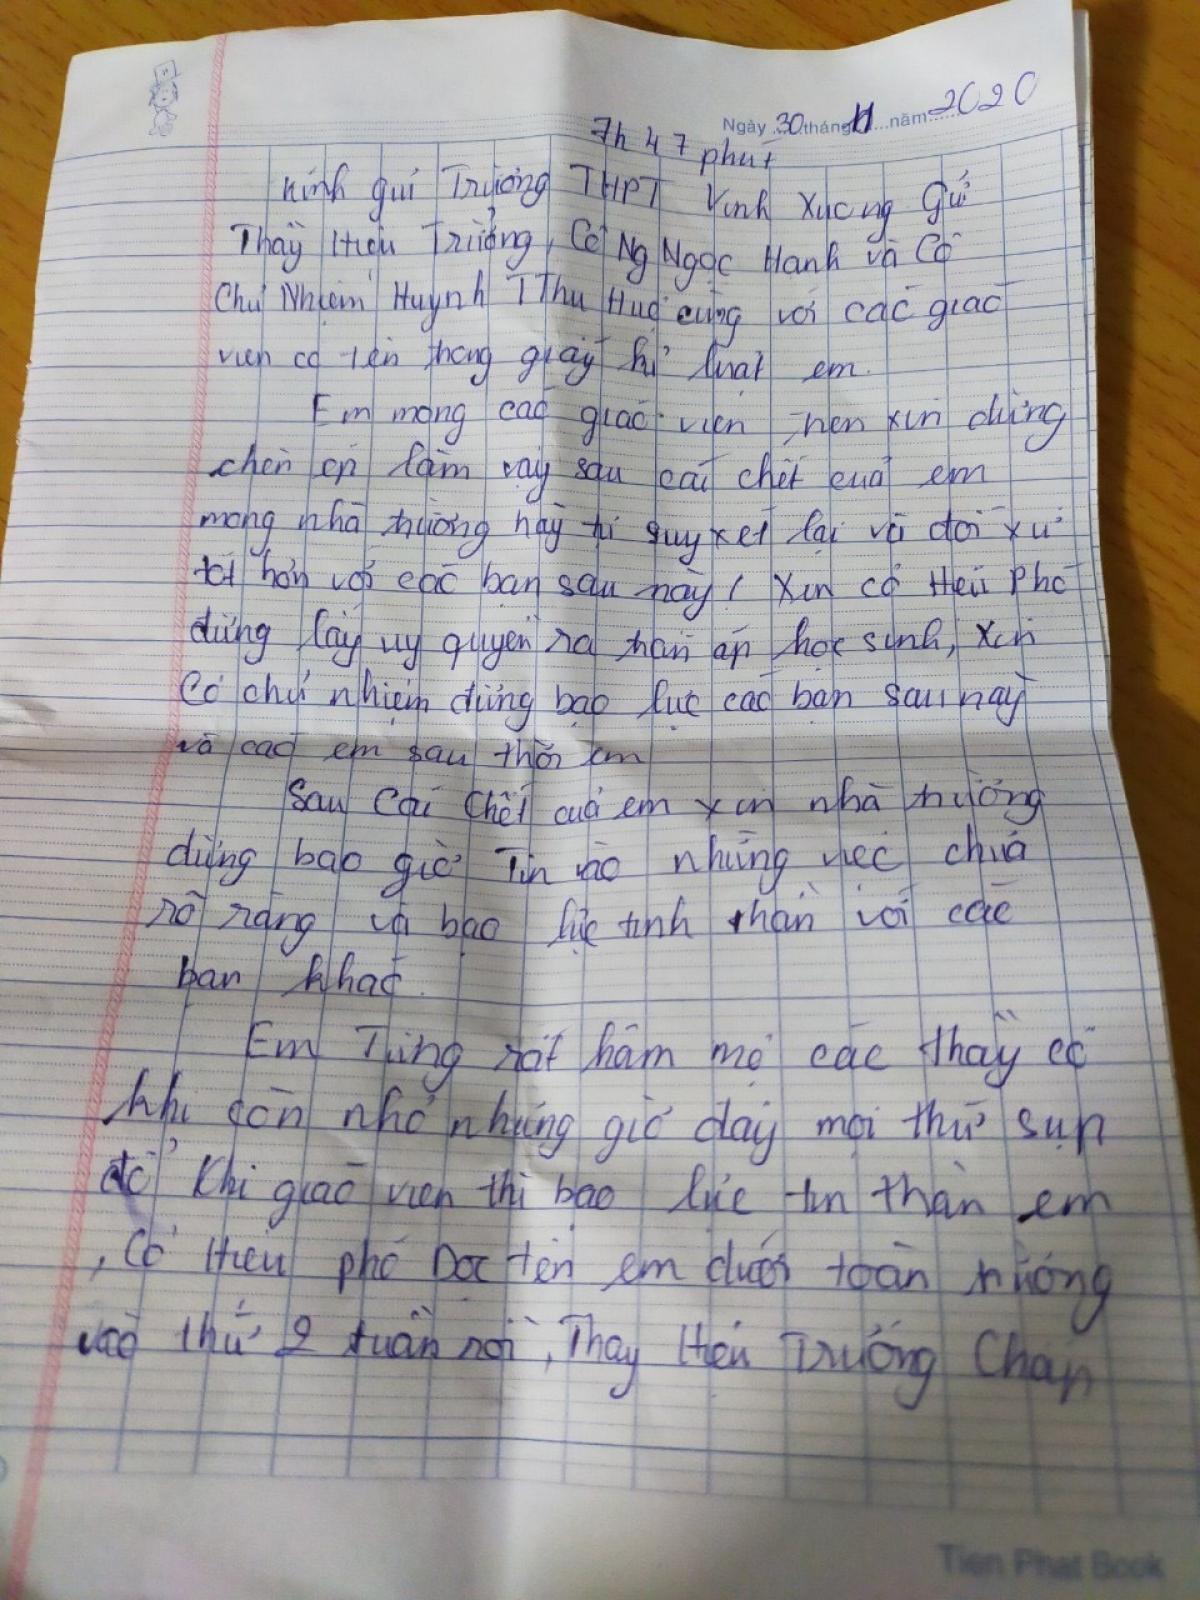 Bức thư tuyệt mệnh của học sinh để lại trước khi tự tử.